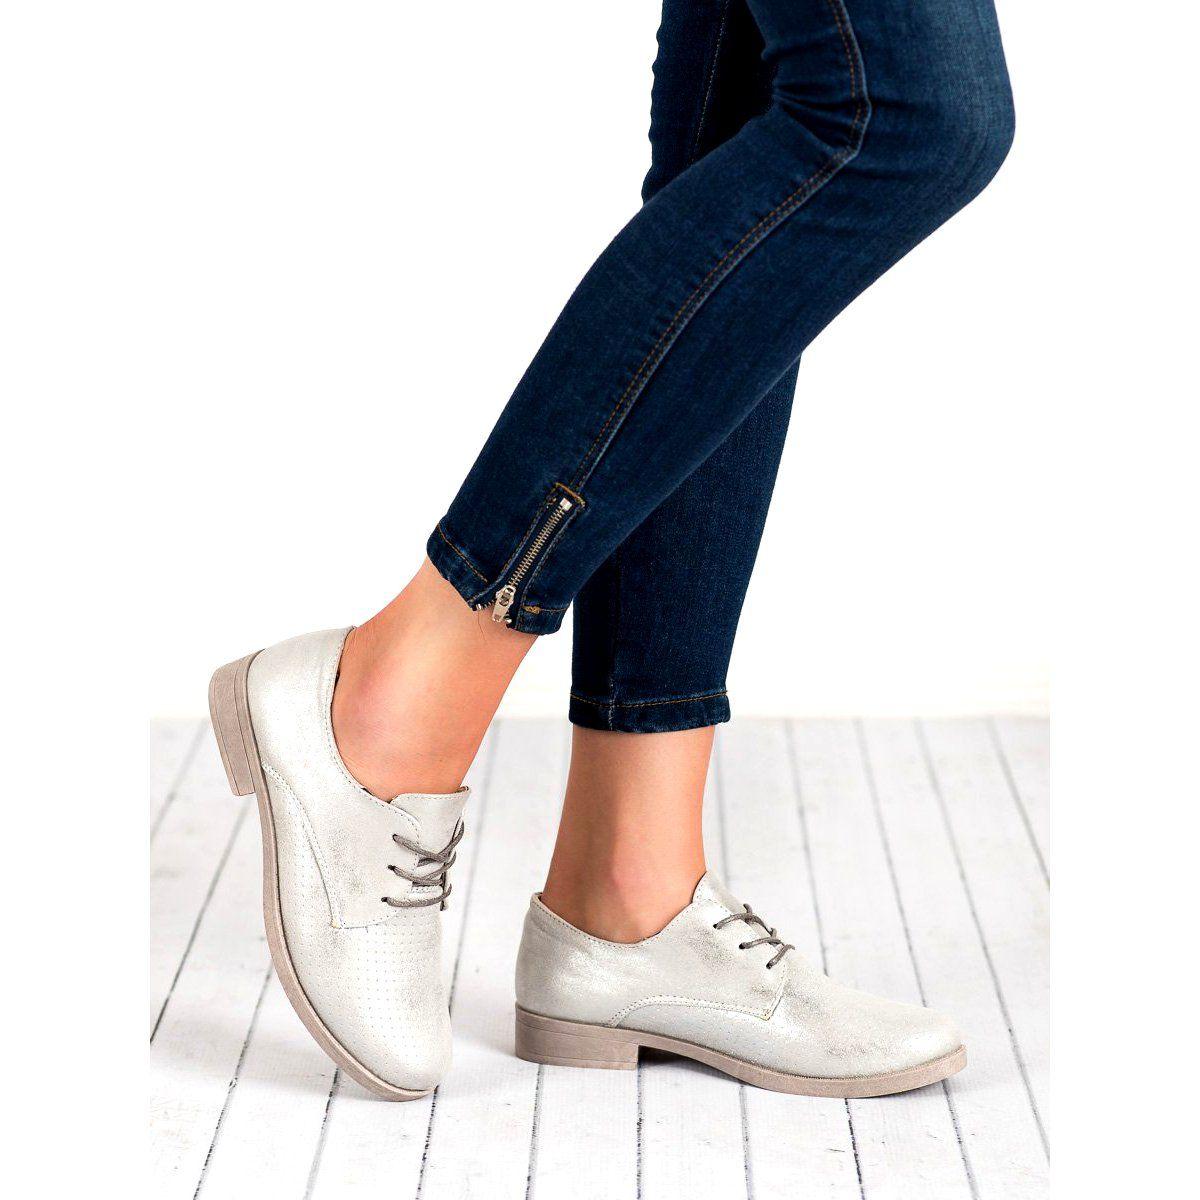 Bless Eleganckie Polbuty Damskie Szare Sneakers Shoes Tretorn Sneaker